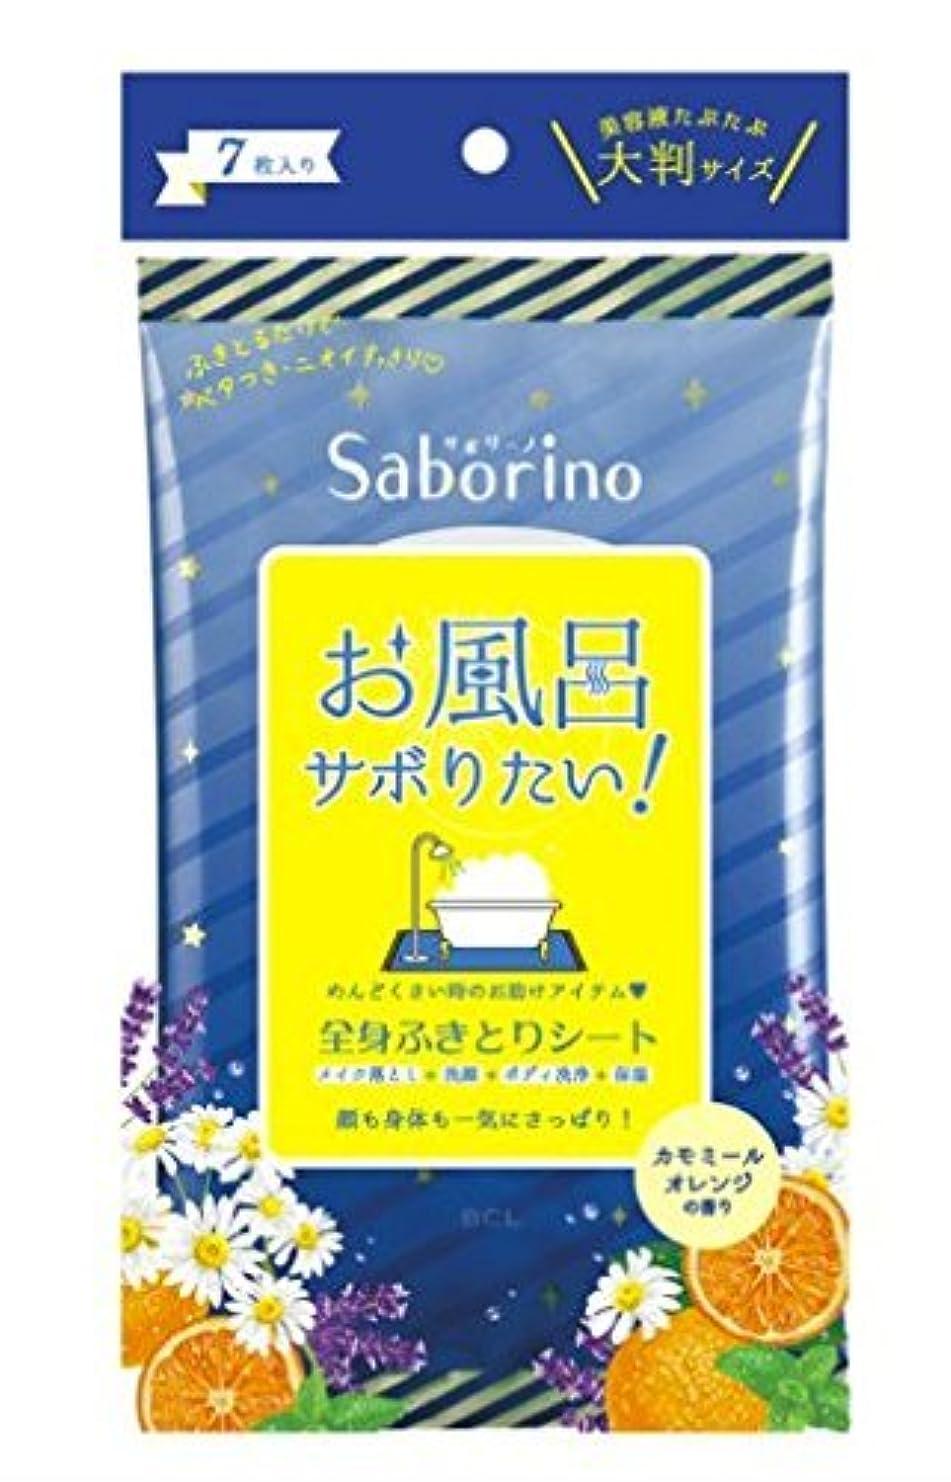 スライス石の床BCL(ビーシーエル) サボリーノ さっぱり落とシート [ふきとりクレンジング?洗浄料?化粧水] 7枚入